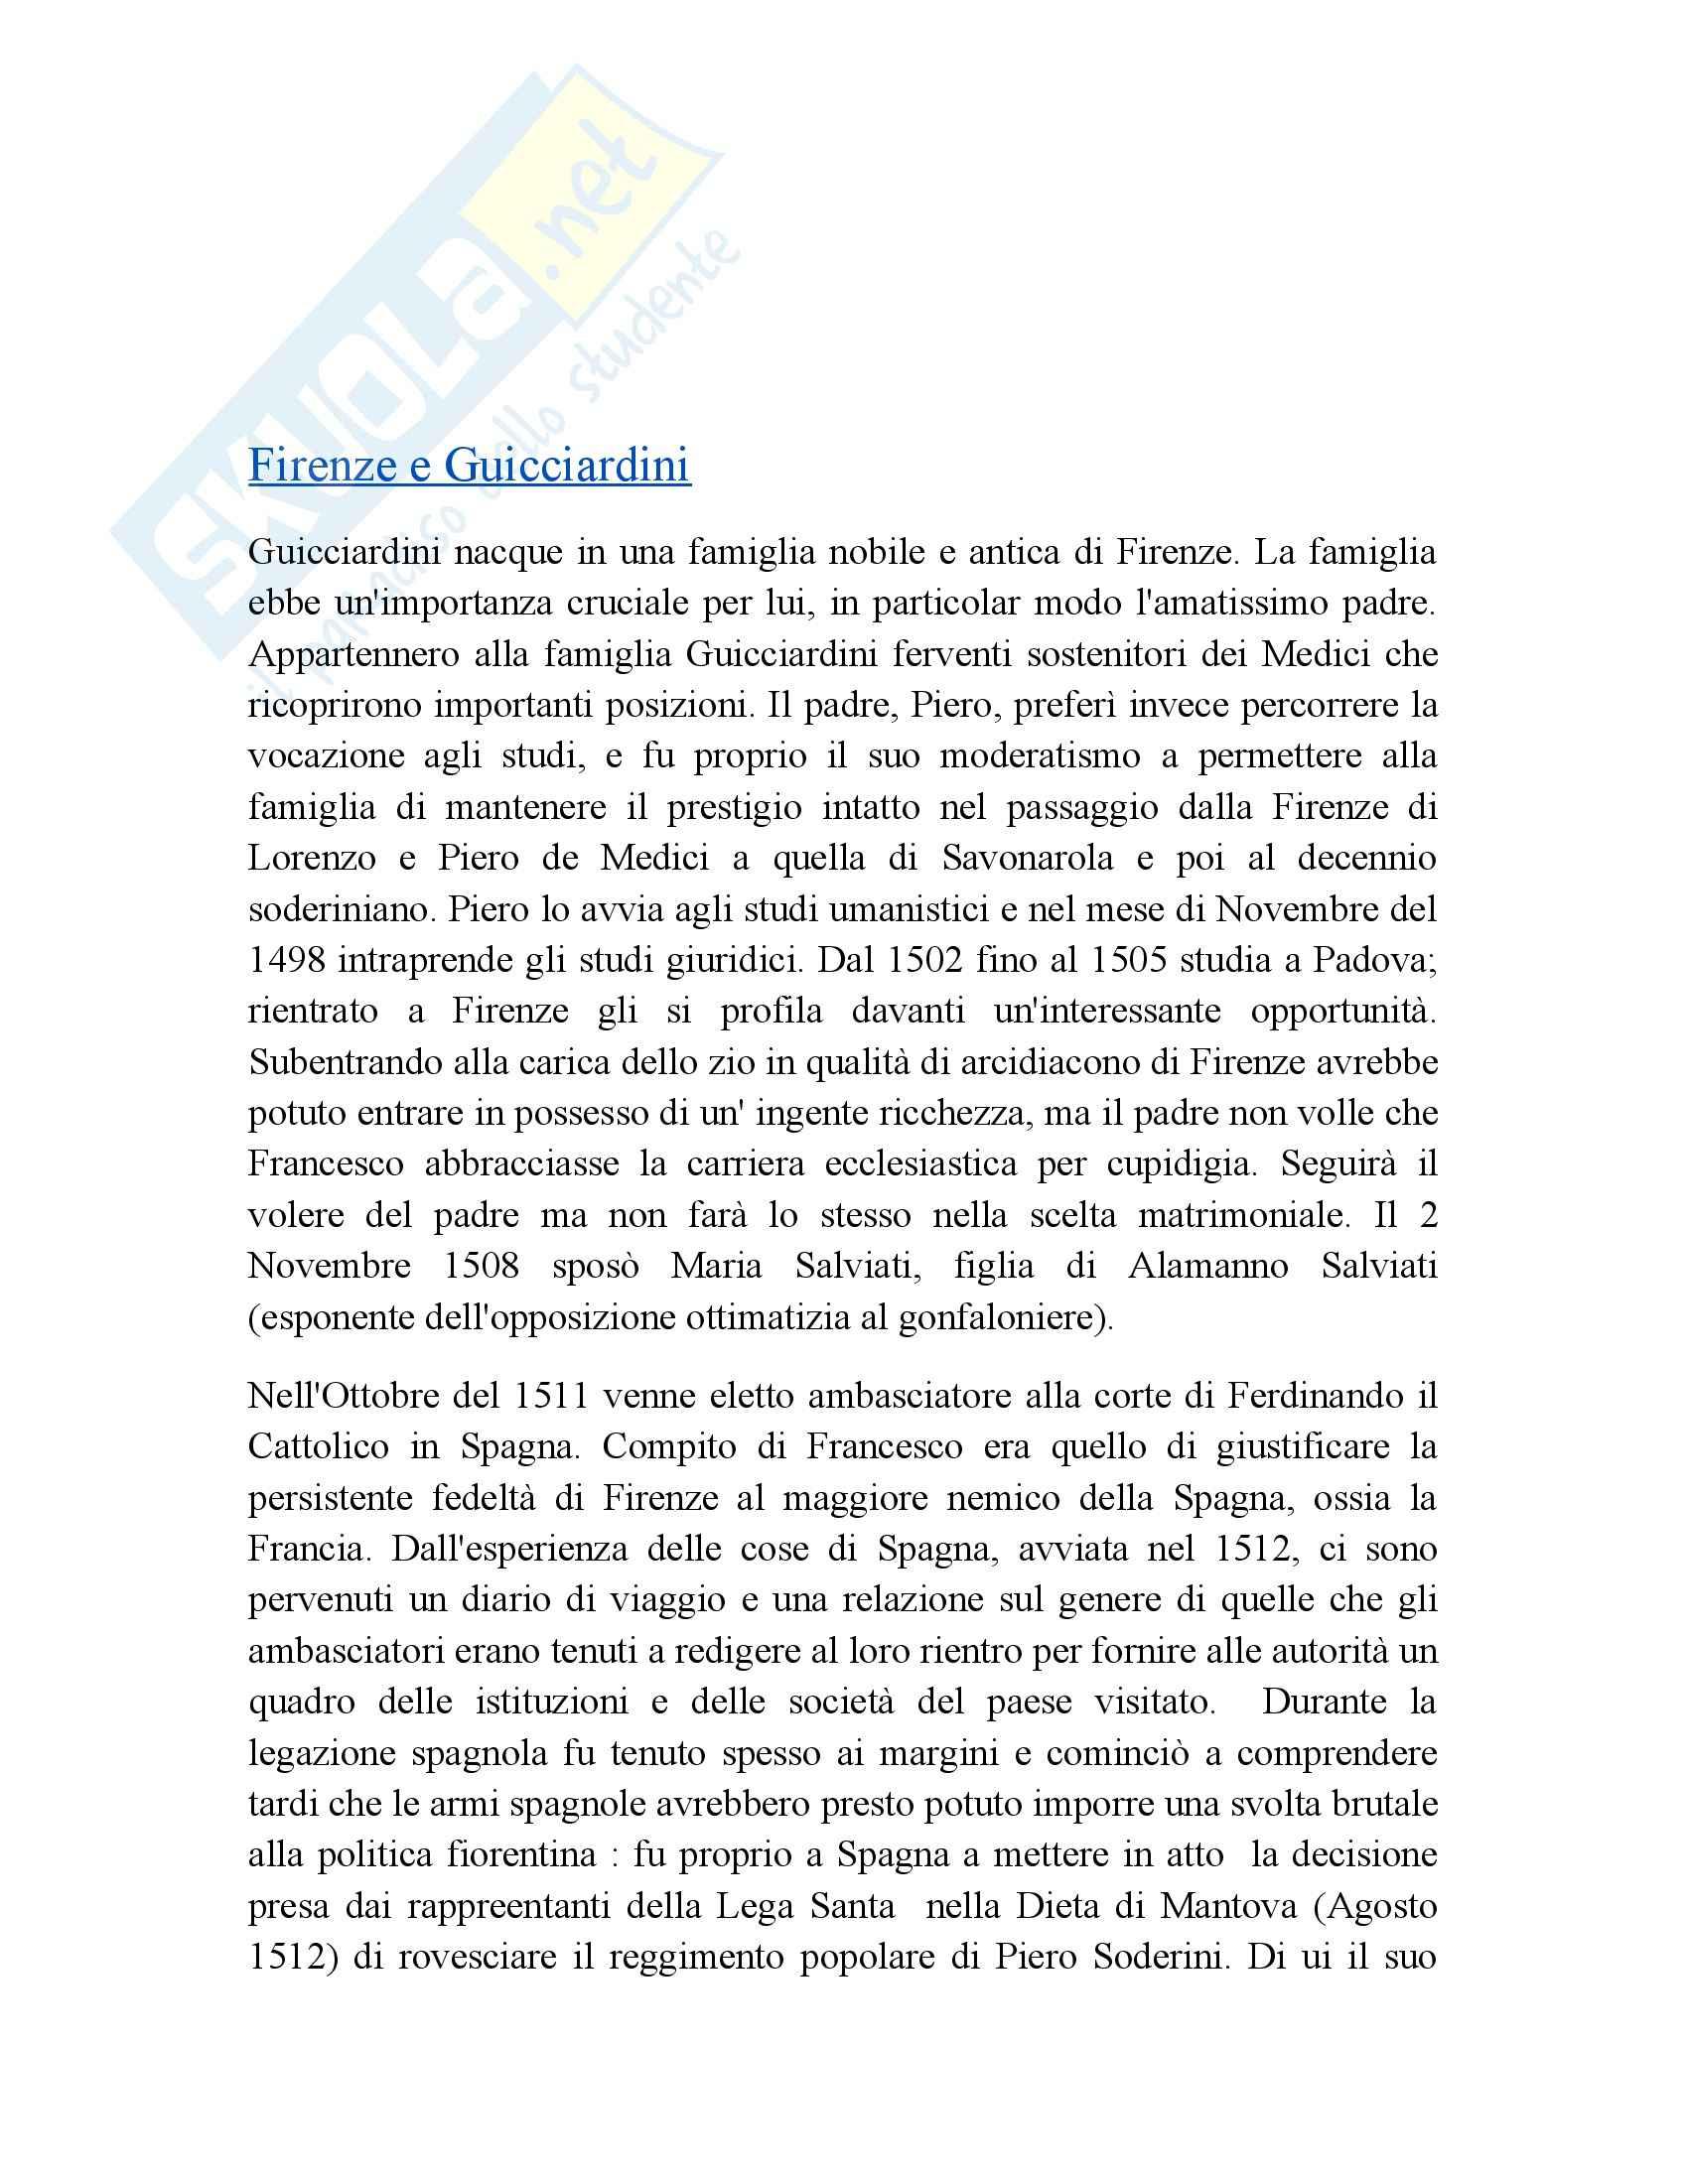 Riassunto esame Letteratura, prof. Grazzini, libro consigliato Guicciardini, Cutinelli, Rèndina